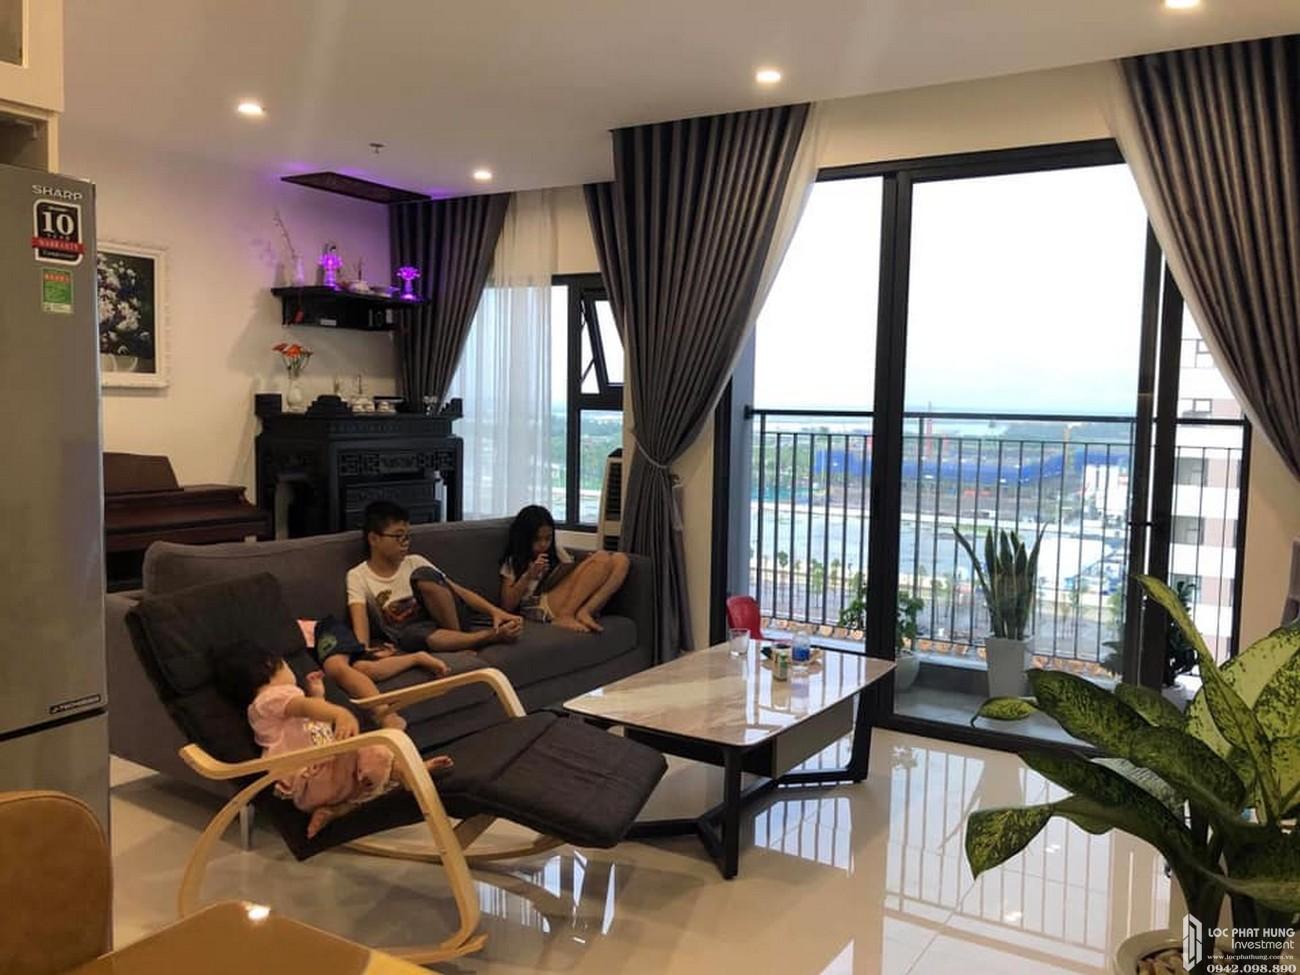 Tiện ích dự án căn hộ chung cư Vinhomes Grand Park Quận 9 Đường Nguyễn Xiển chủ đầu tư Vingroup